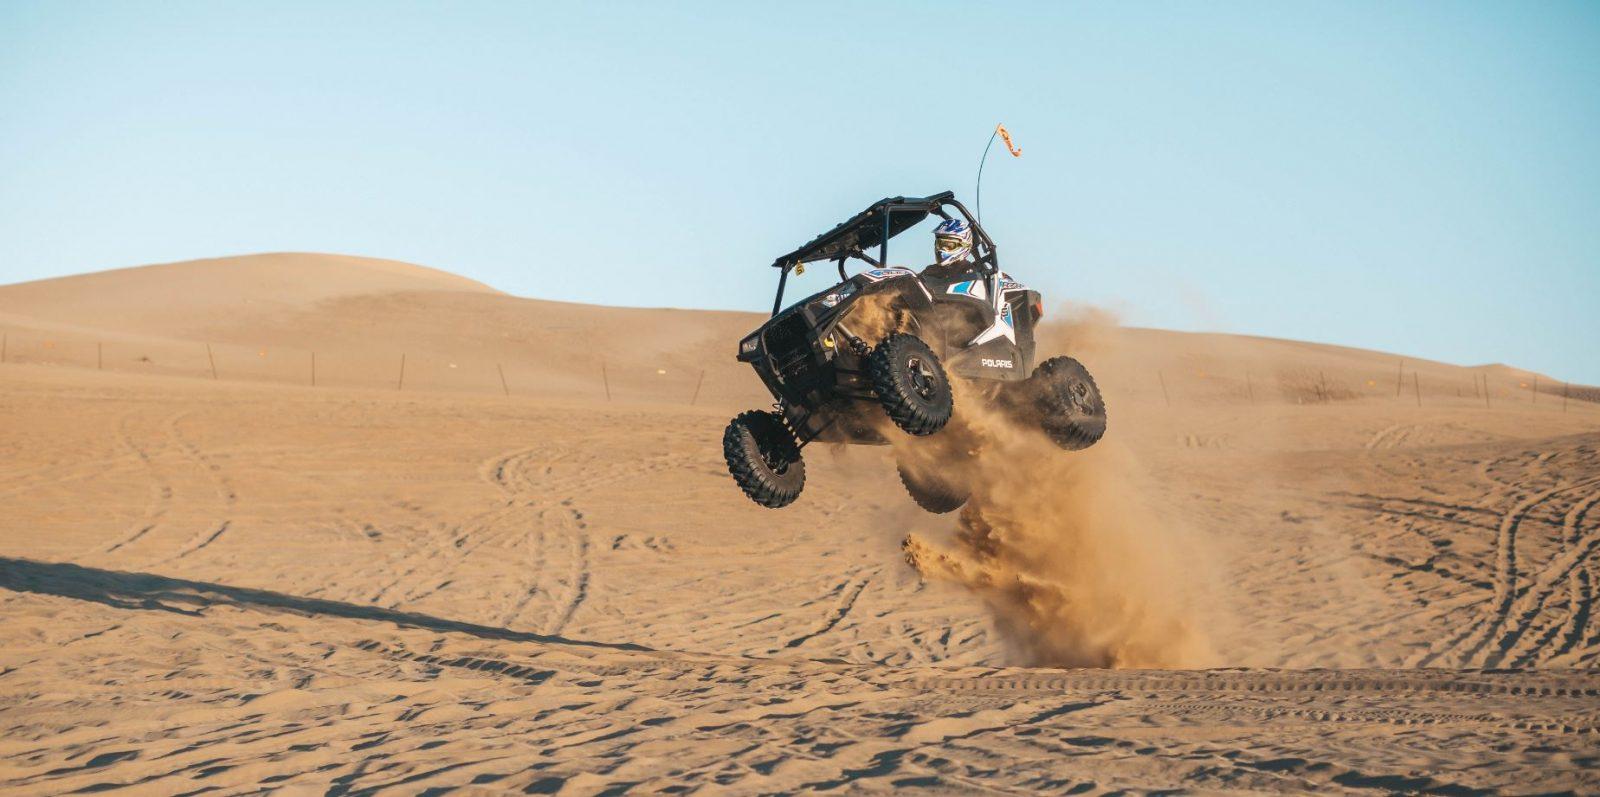 UTV jumping in desert